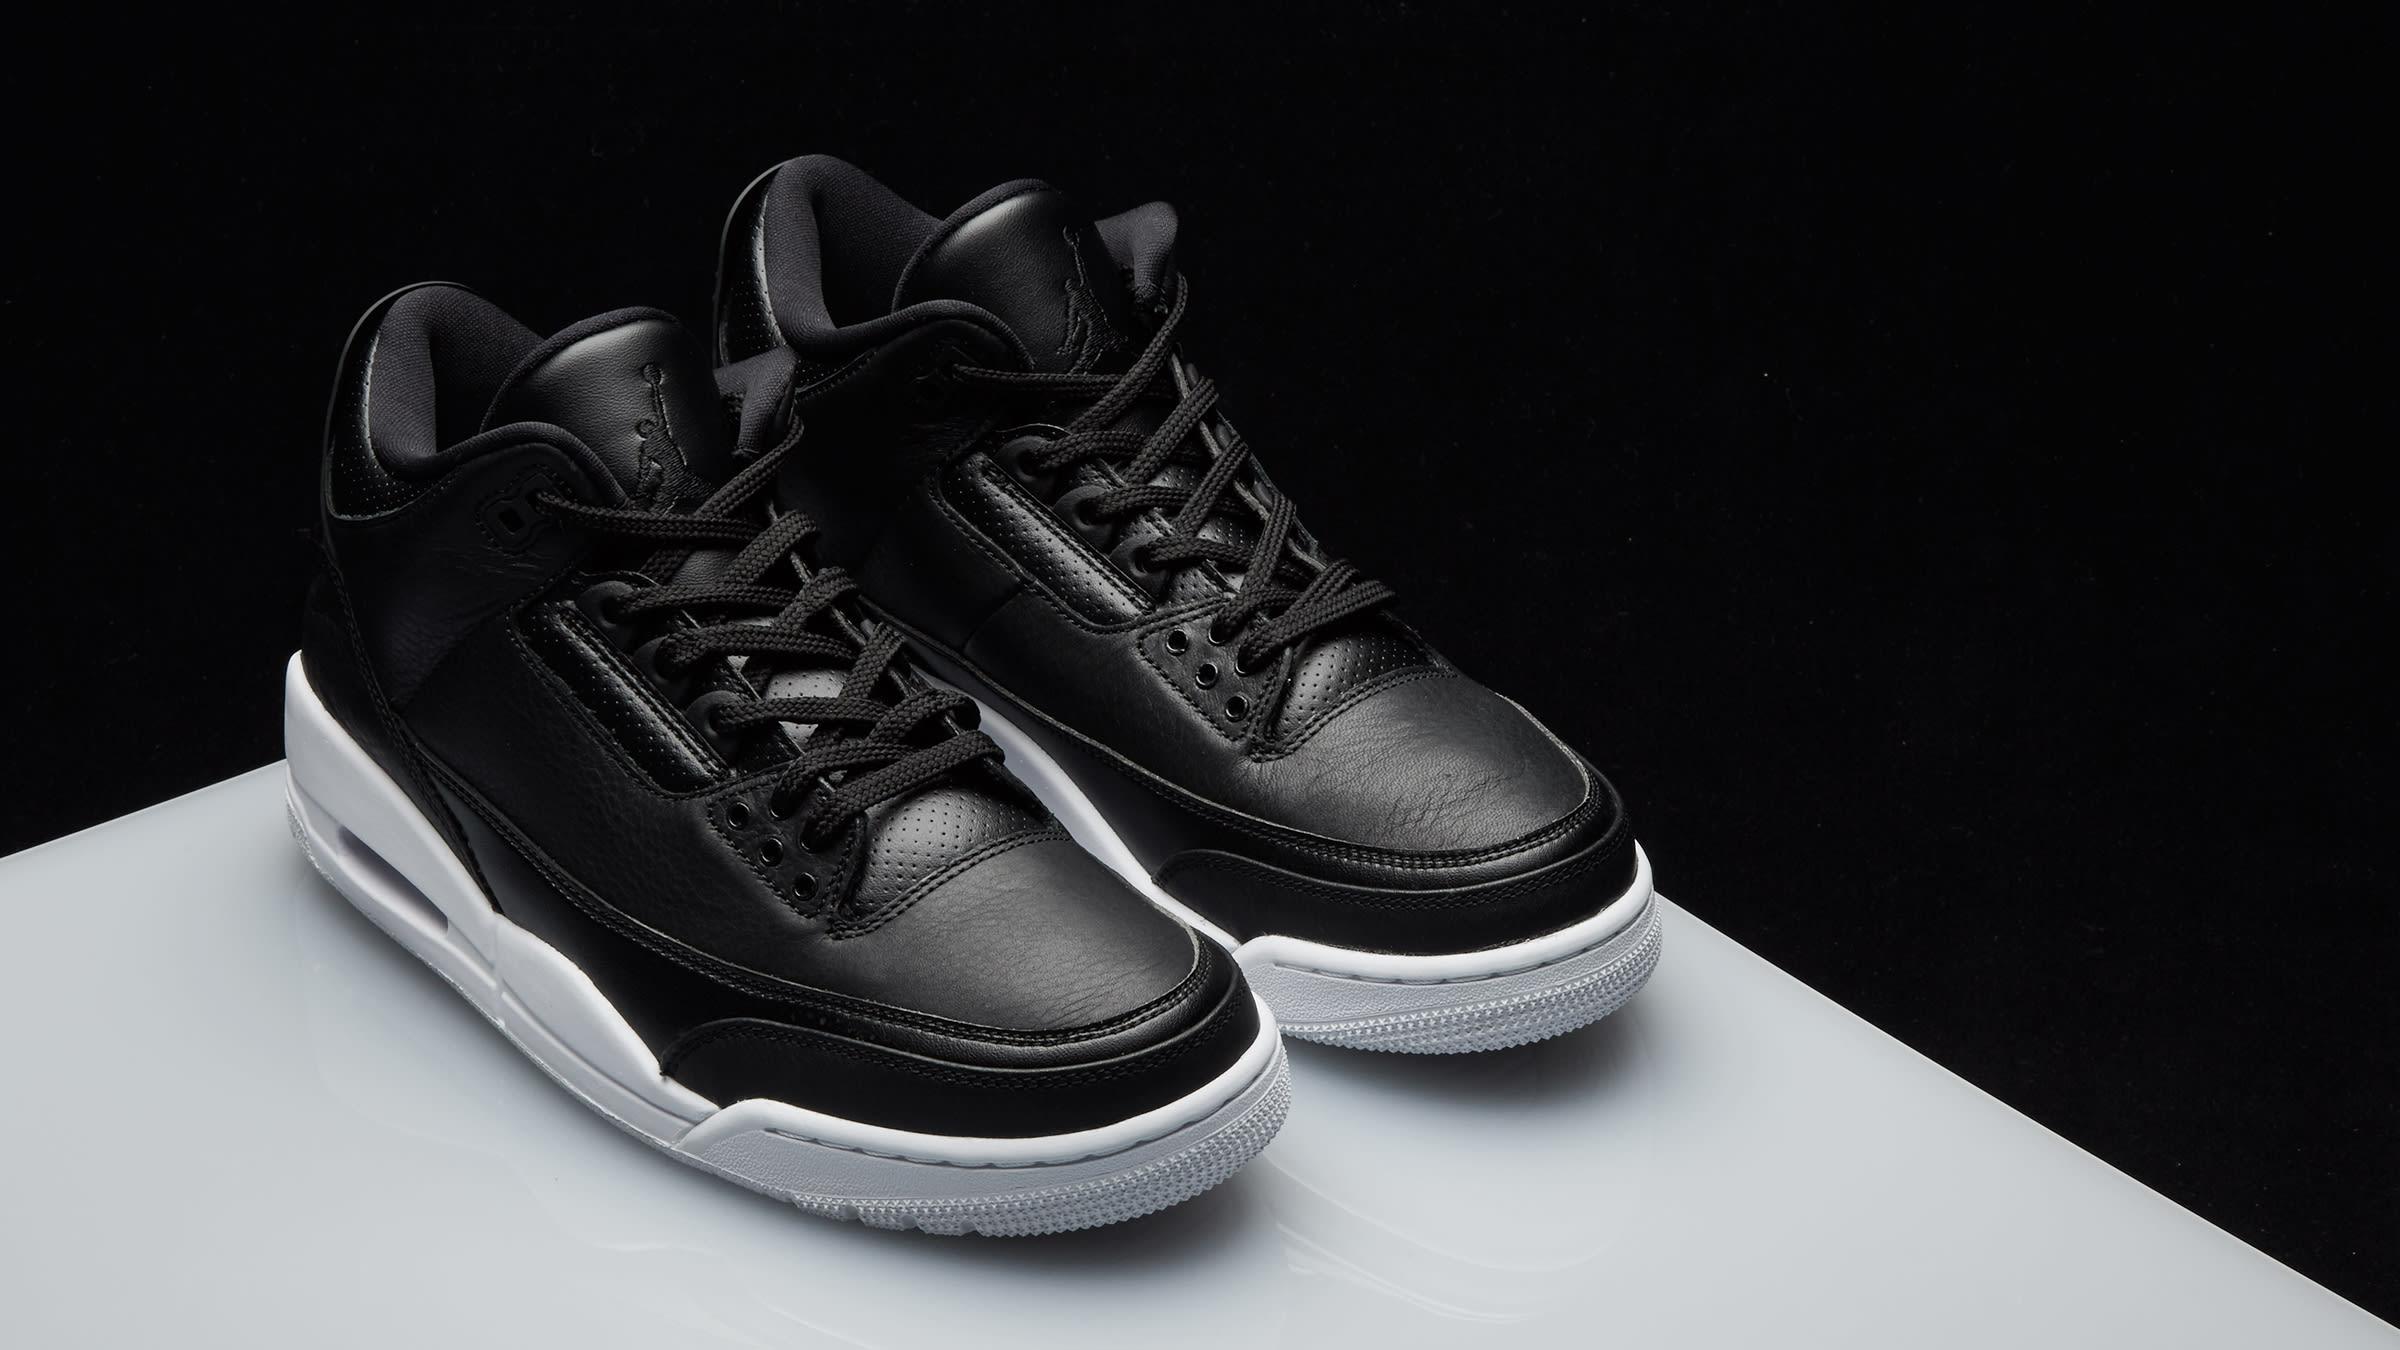 quality design f8064 a7903 Nike Air Jordan 3 Retro